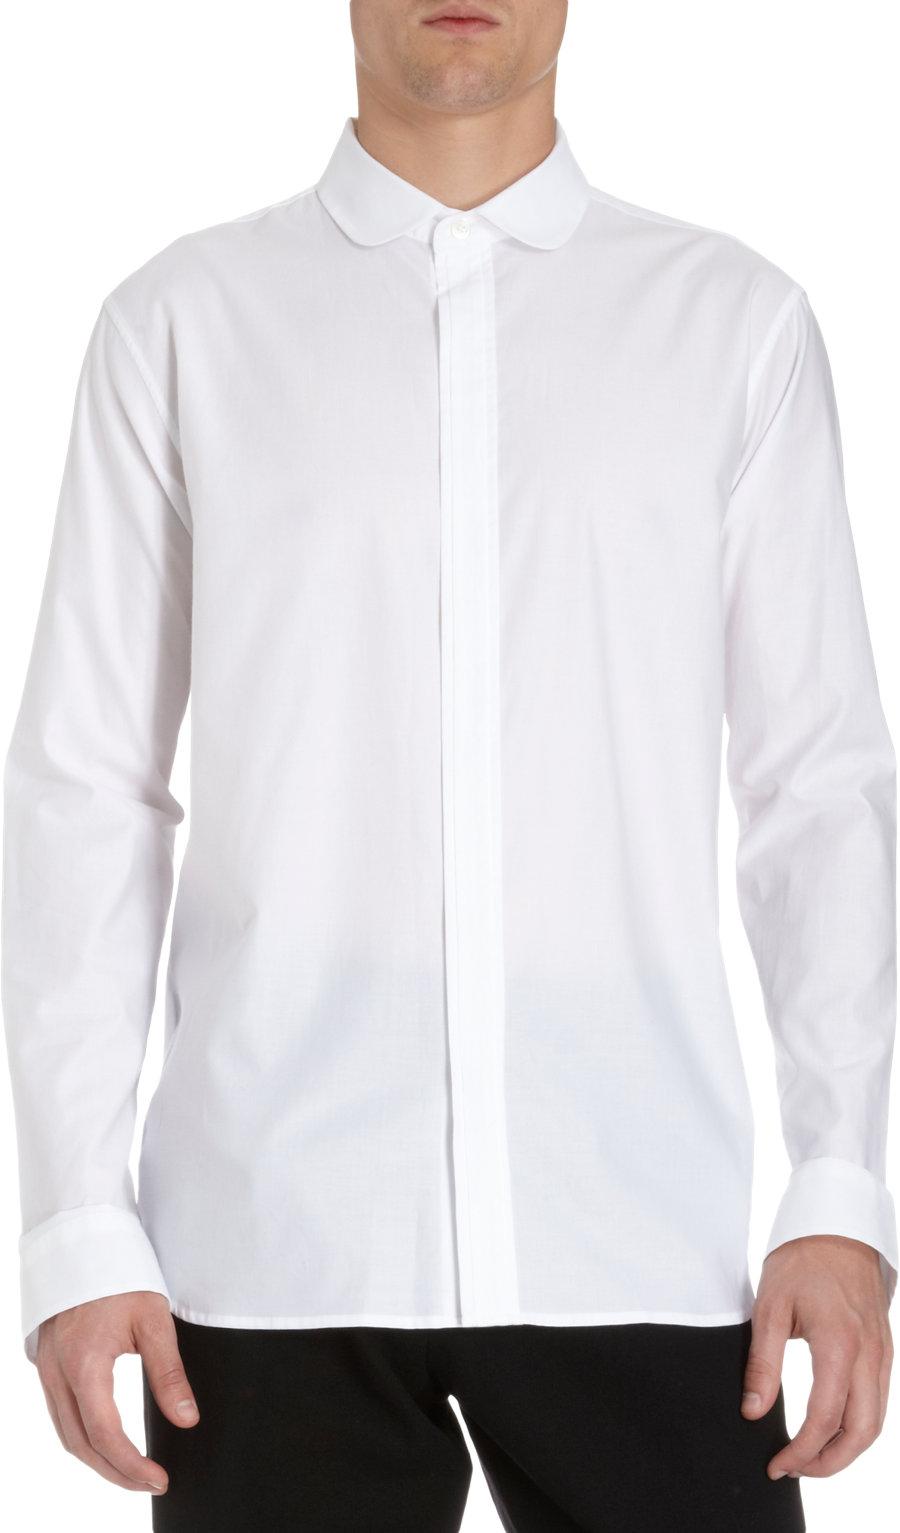 Ann Demeulemeester Peter Pan Collar Shirt In White For Men